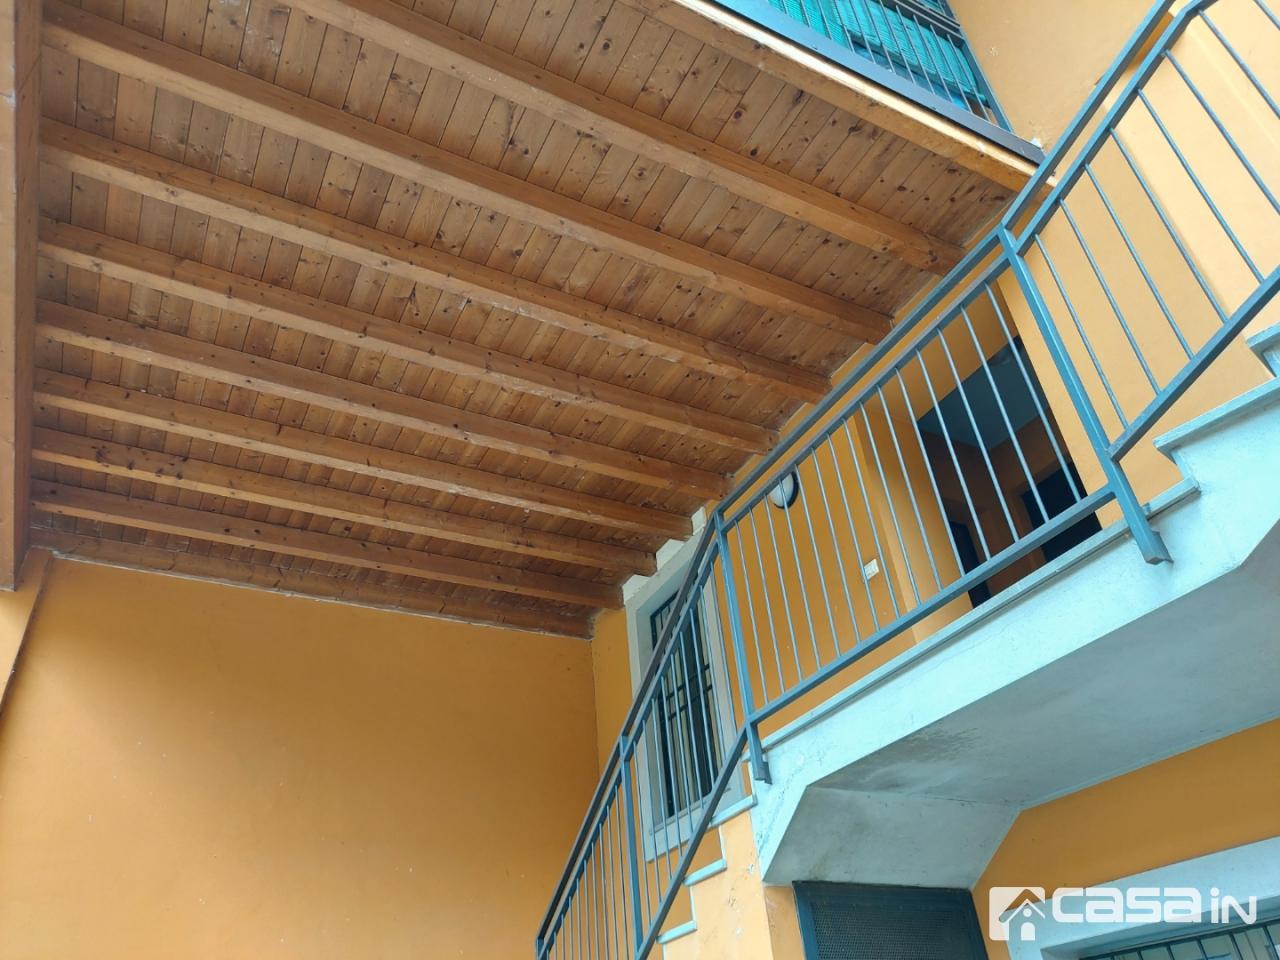 Appartamento in vendita a Capriate San Gervasio, 2 locali, prezzo € 58.000 | CambioCasa.it